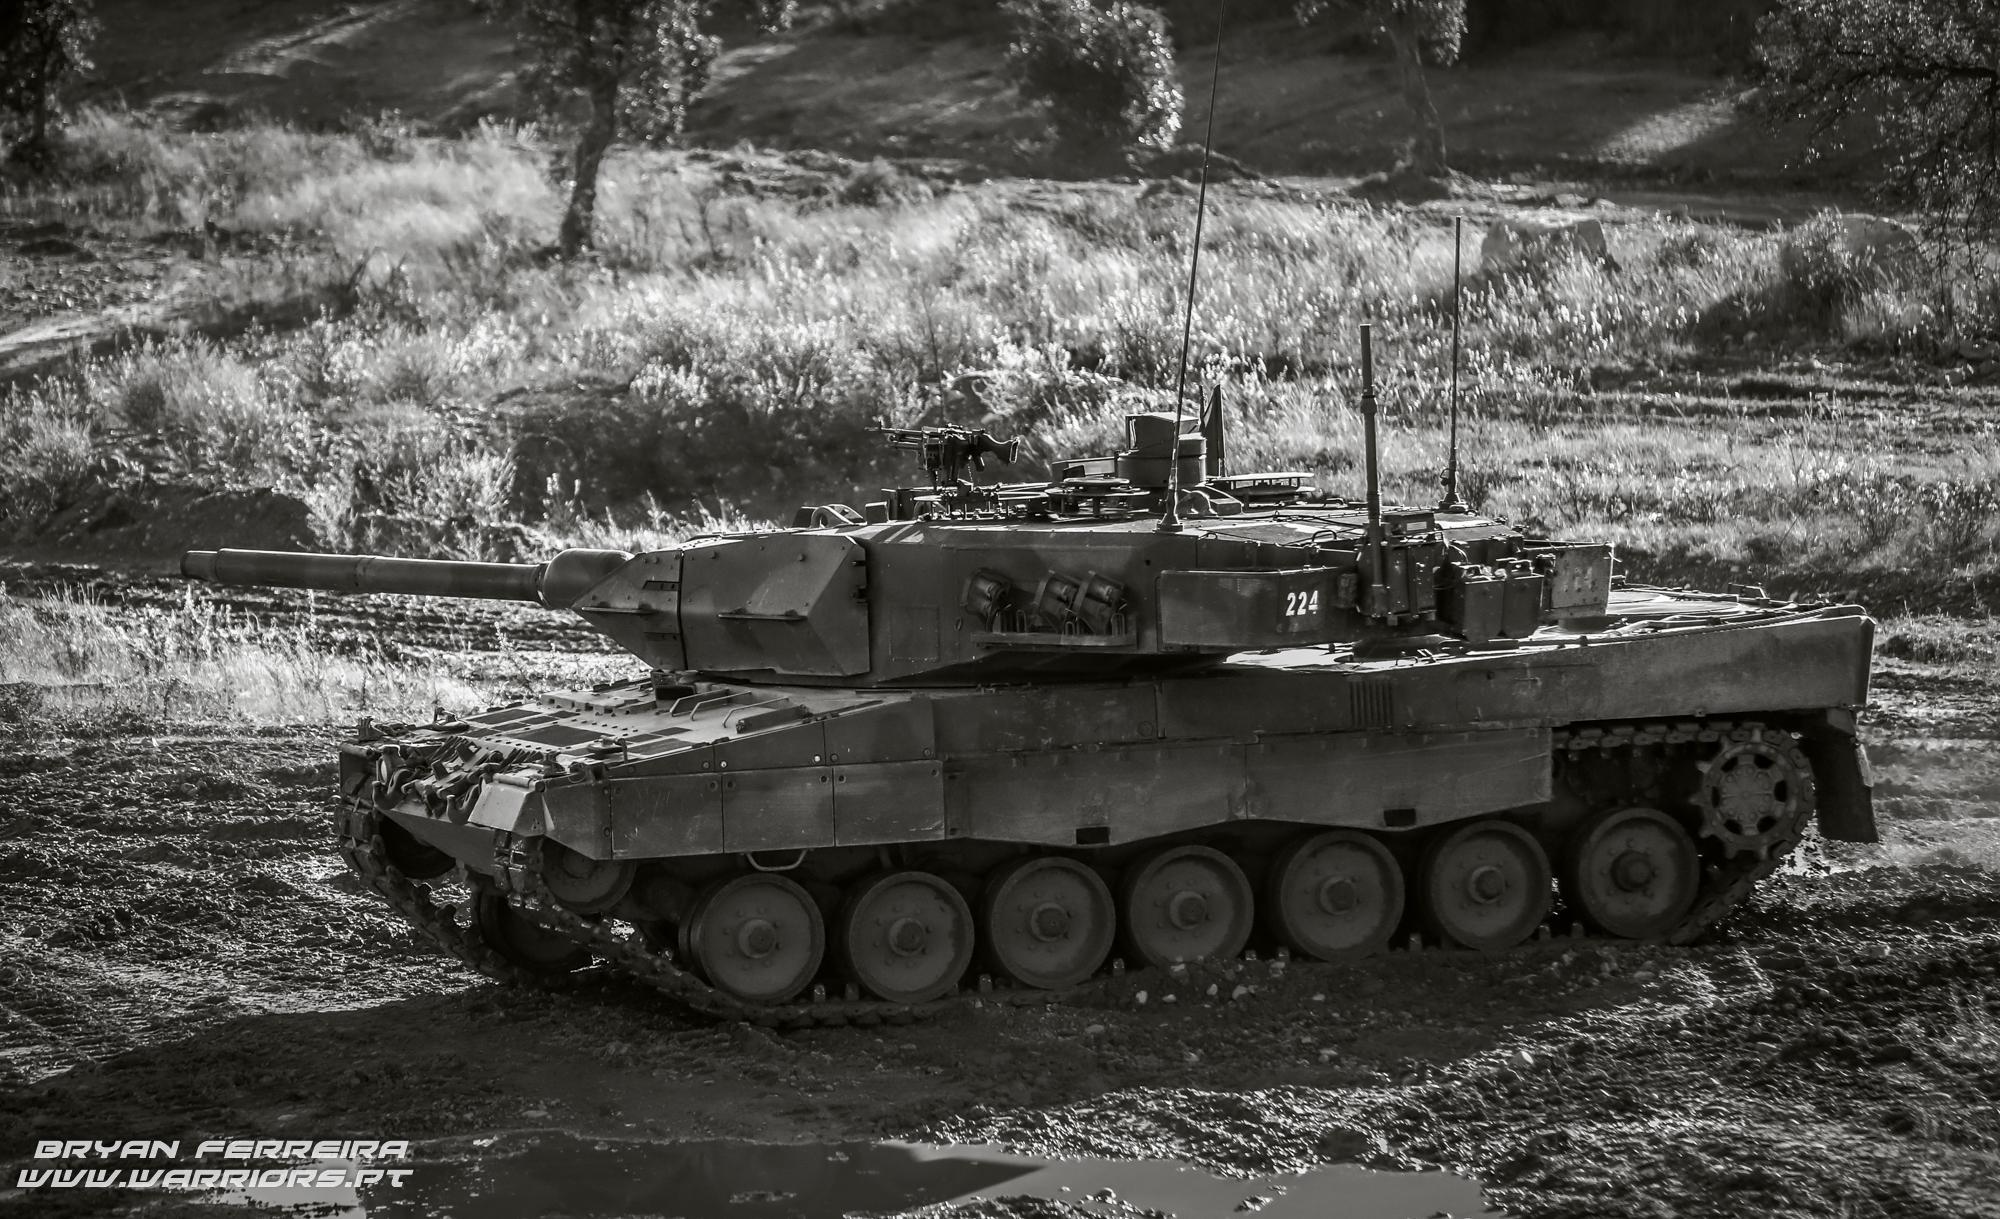 Portuguese Mechanized Brigade Leopard 2A6 Tank